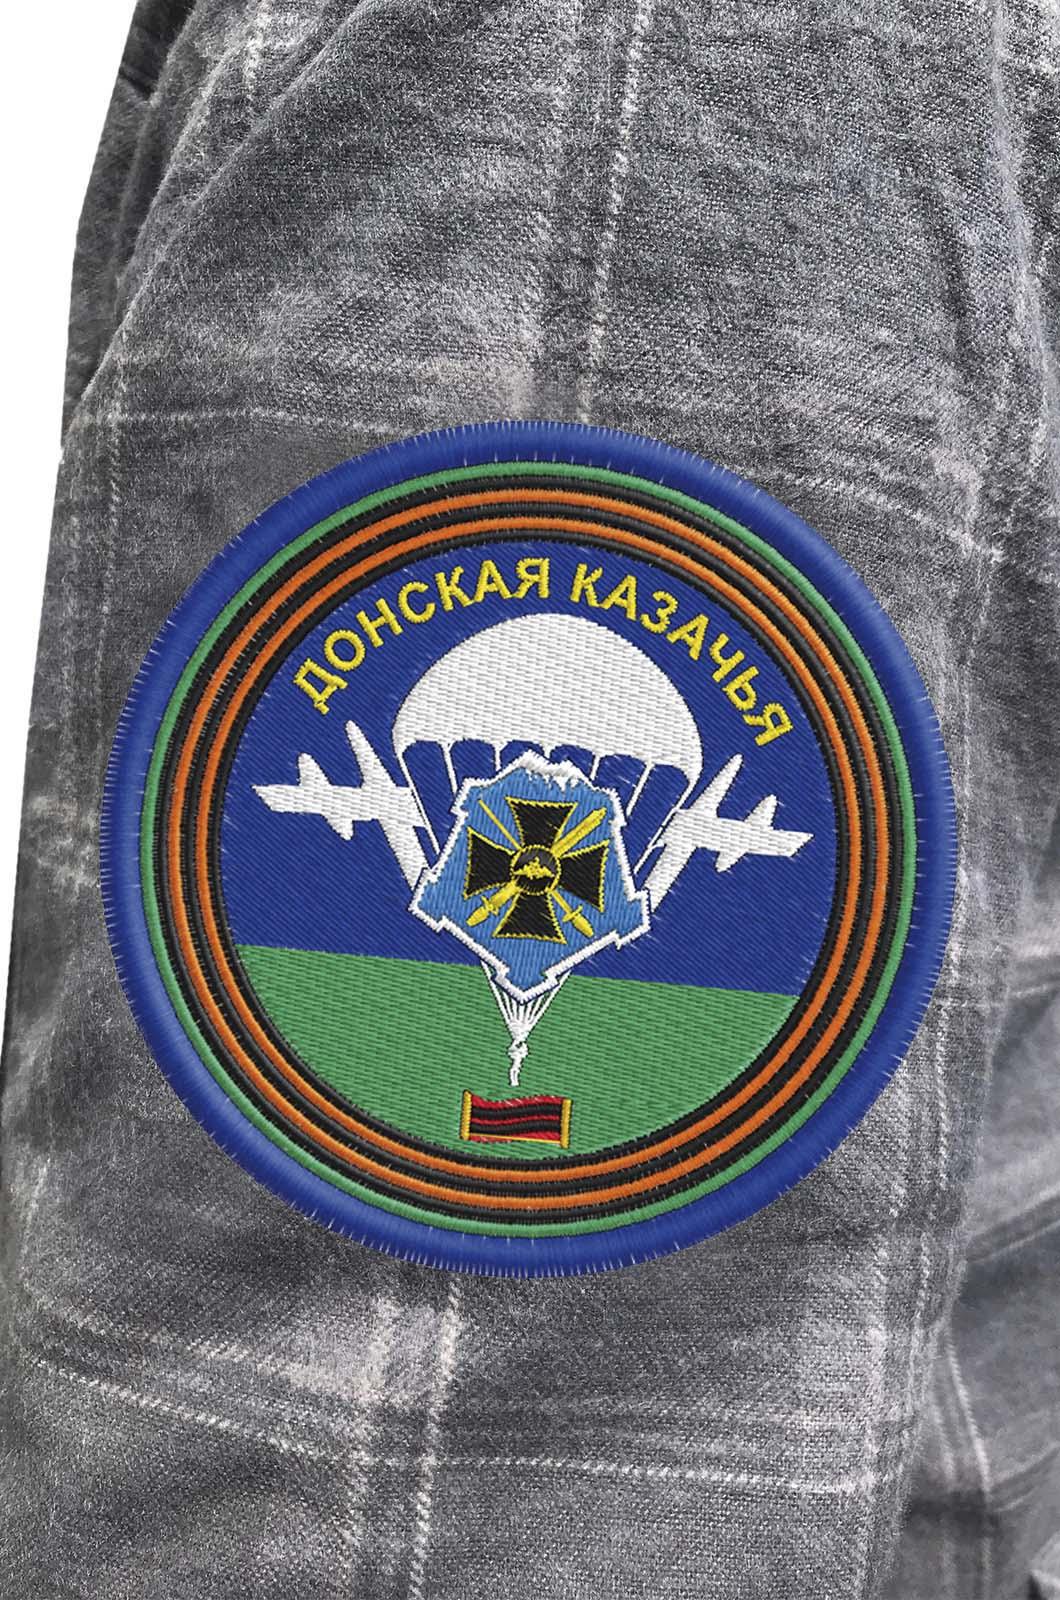 Надежная рубашка с вышитым шевроном Донской Казачьей - купить по лучшей цене